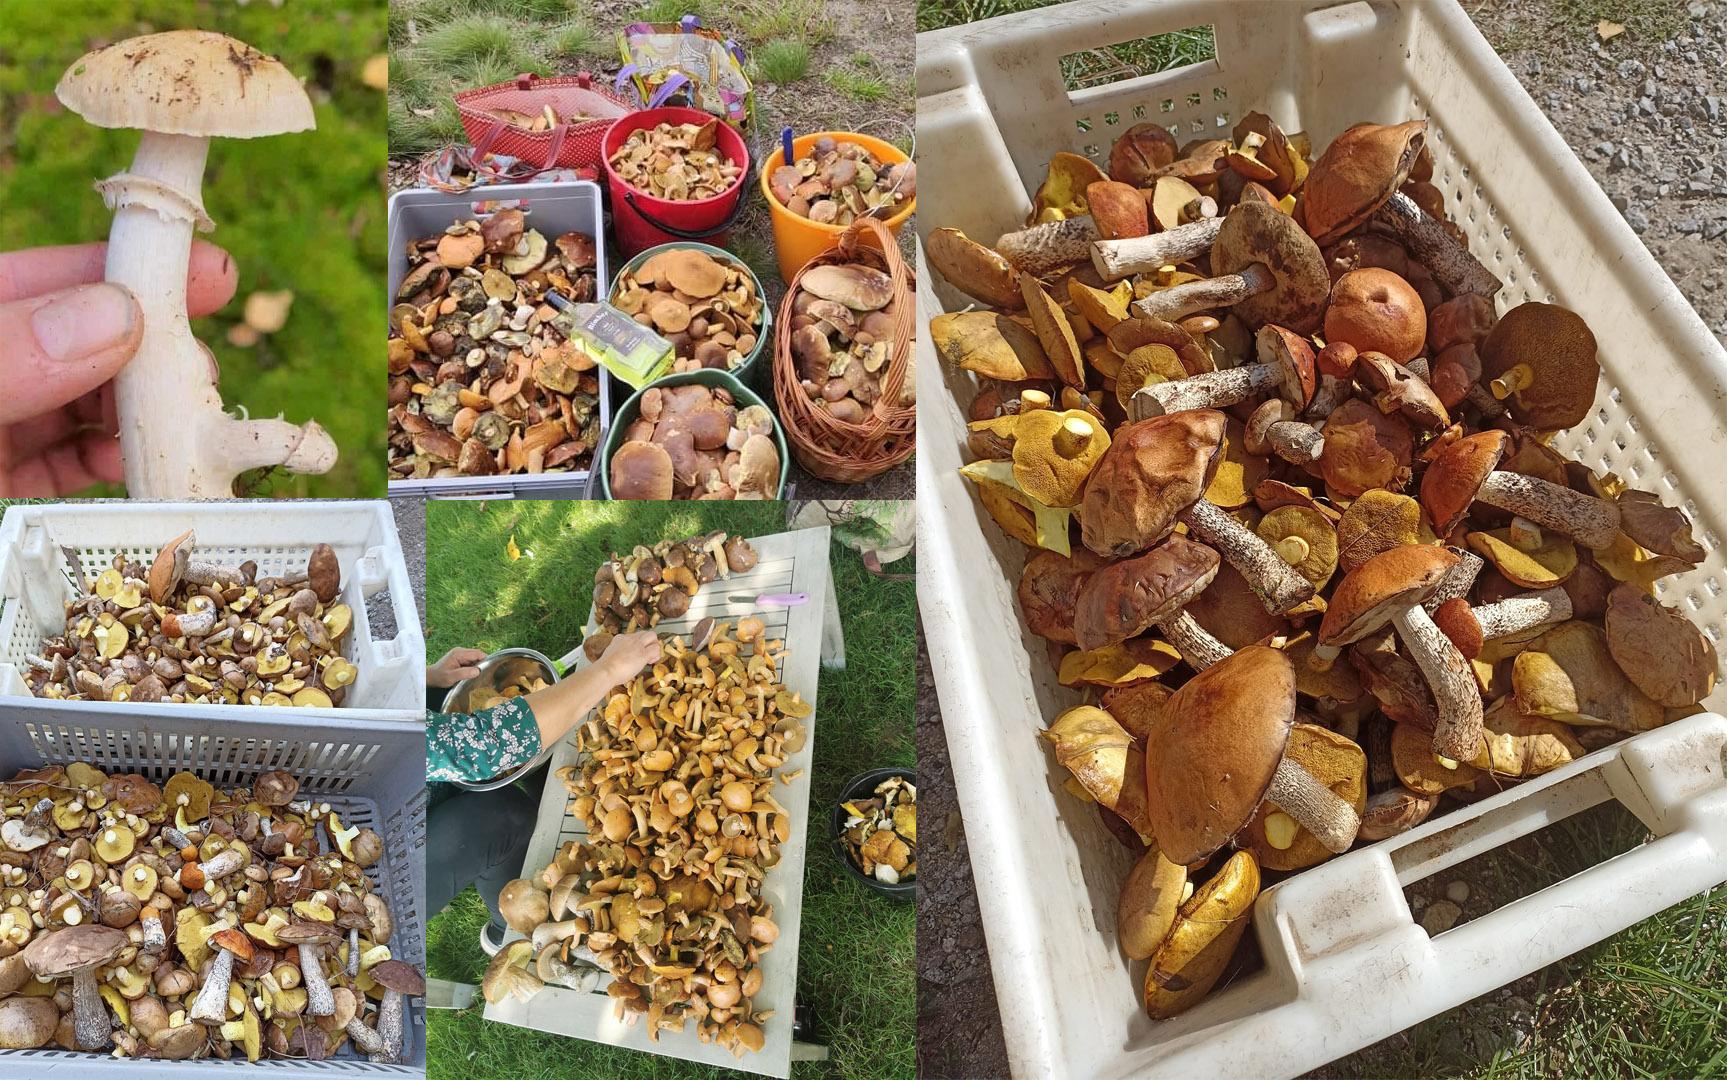 Wysyp grzybów w regionie. Czytelnicy pochwalili się swoimi zbiorami [FOTO]